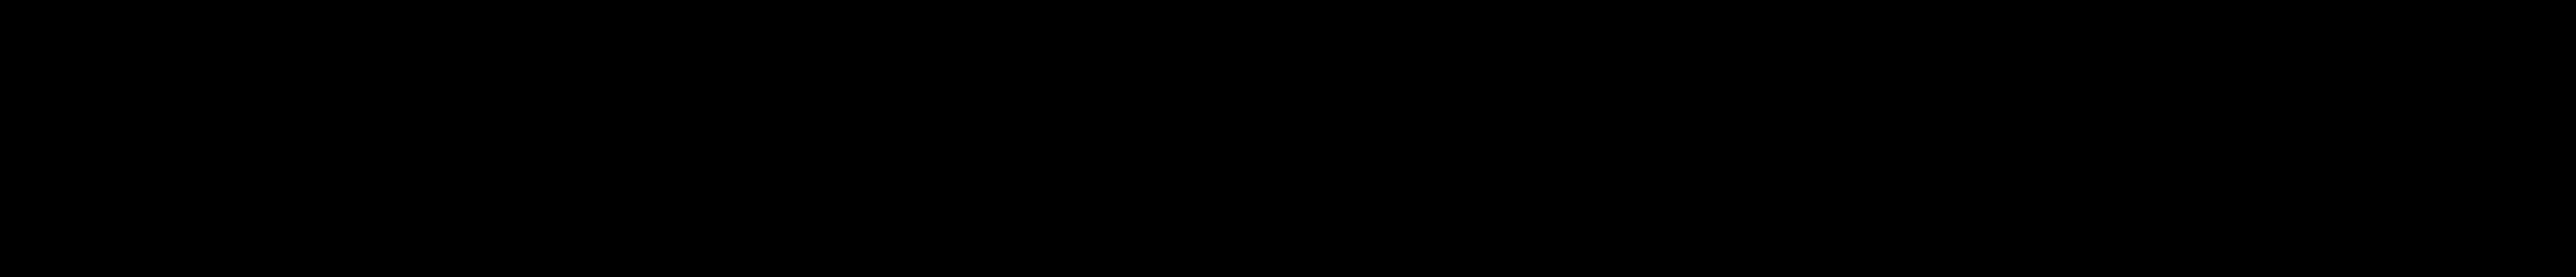 YWFT Unisect Bold Oblique